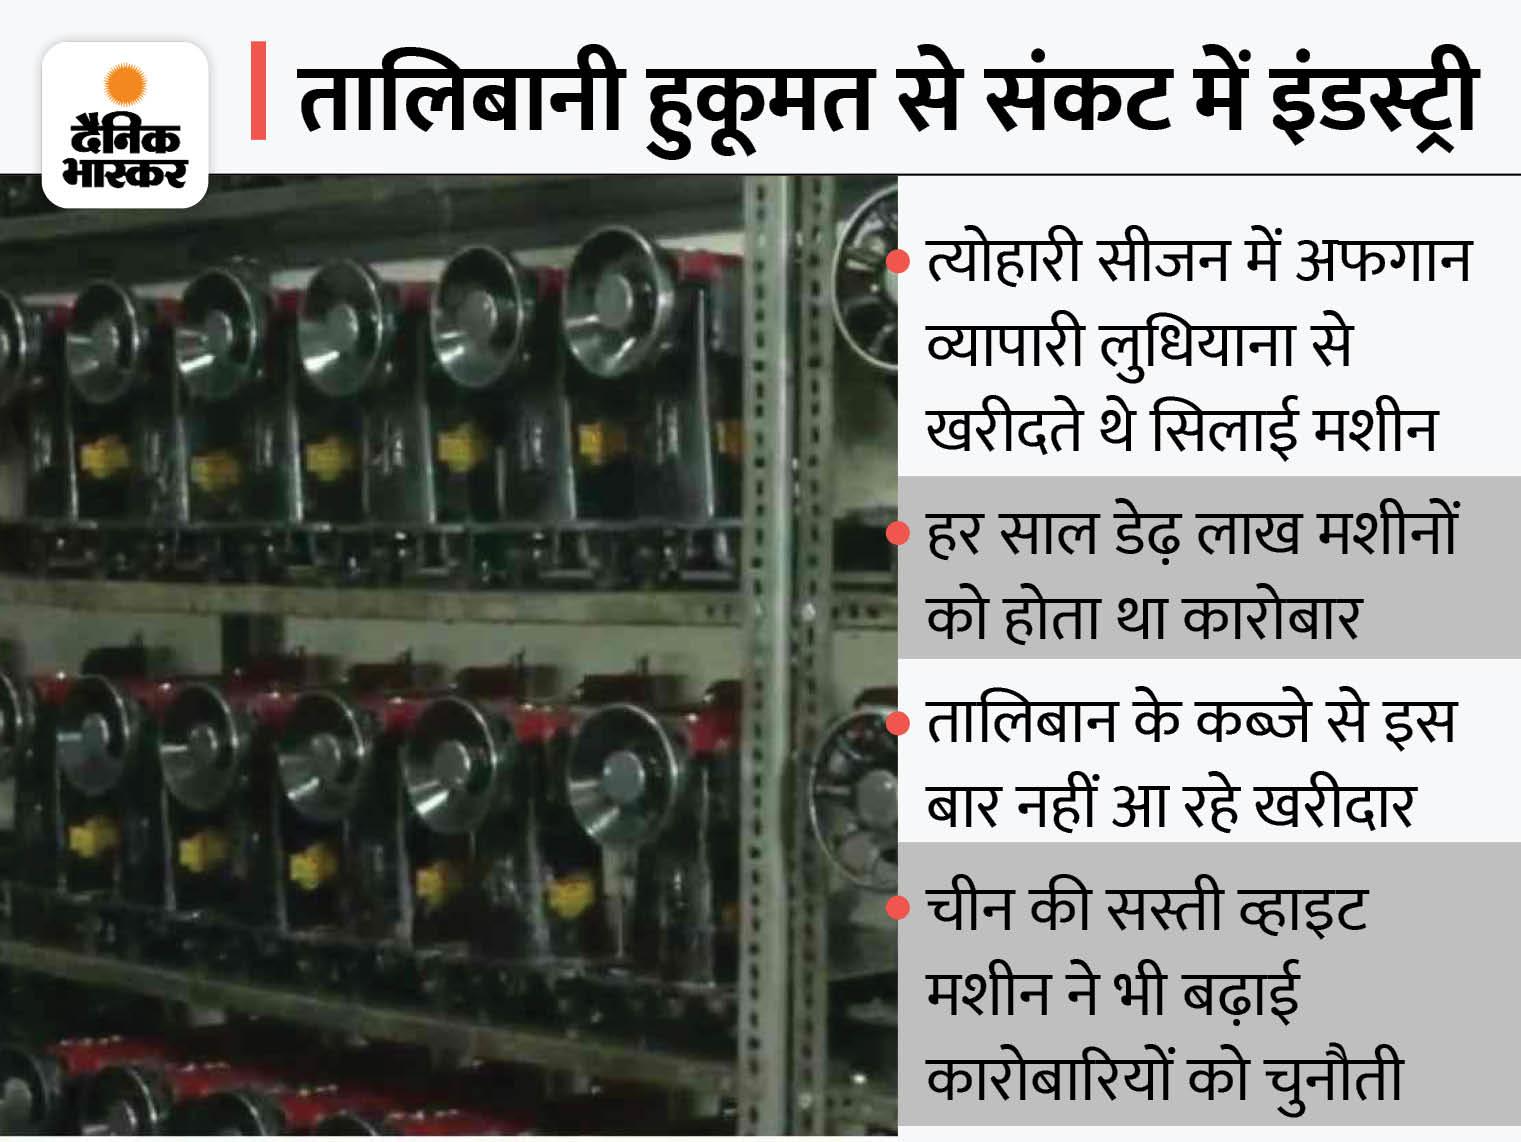 लुधियाना में ऑर्डर रुके; चीन की व्हाइट मशीन ने भी कारोबार पर डाला असर, संसद में भी उठा मुद्दा|लुधियाना,Ludhiana - Dainik Bhaskar